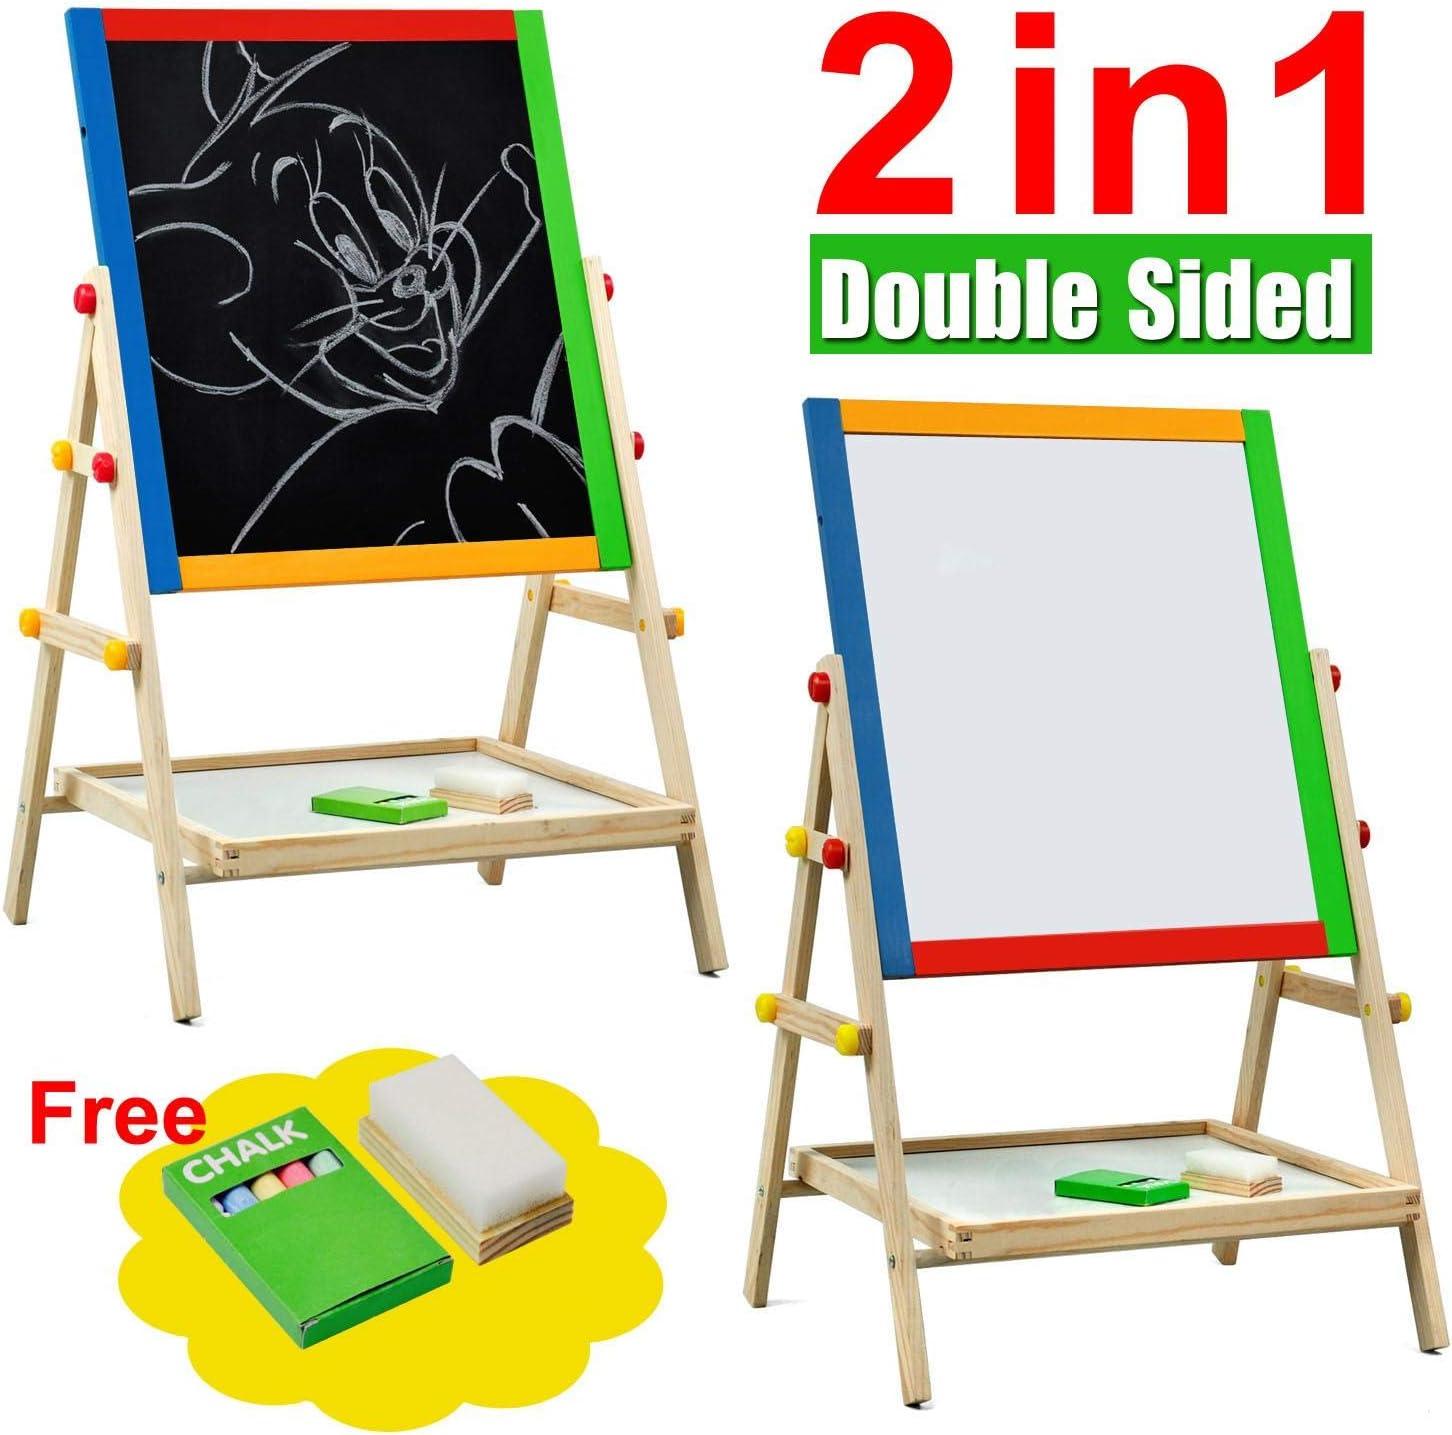 Yaheetech Wooden 2 in 1 Blackboard /& Whiteboard Easel Kids Children Double-Sided Chalk Drawing Board